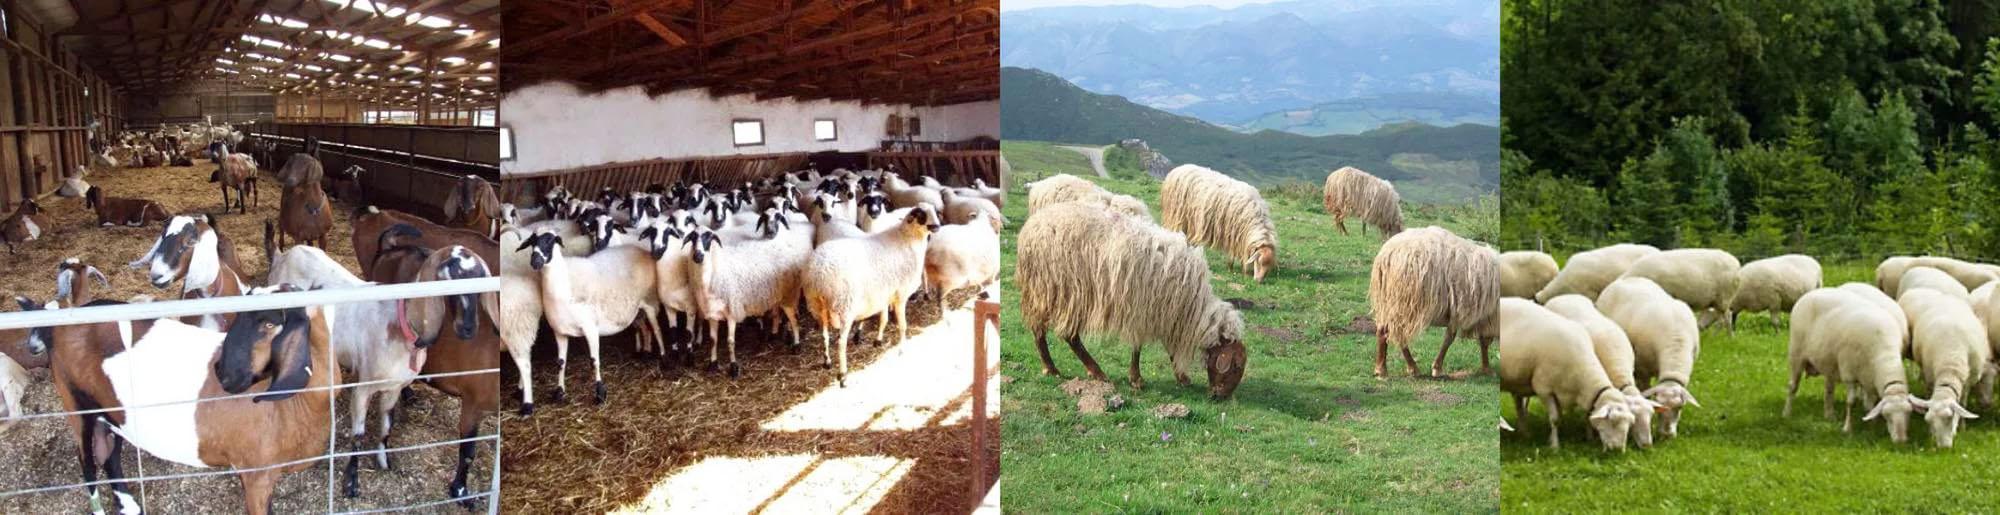 Когда стригут овец: как правильно стричь баранов машинкой или ножницами, сколько раз в год их стригут и при какой температуре